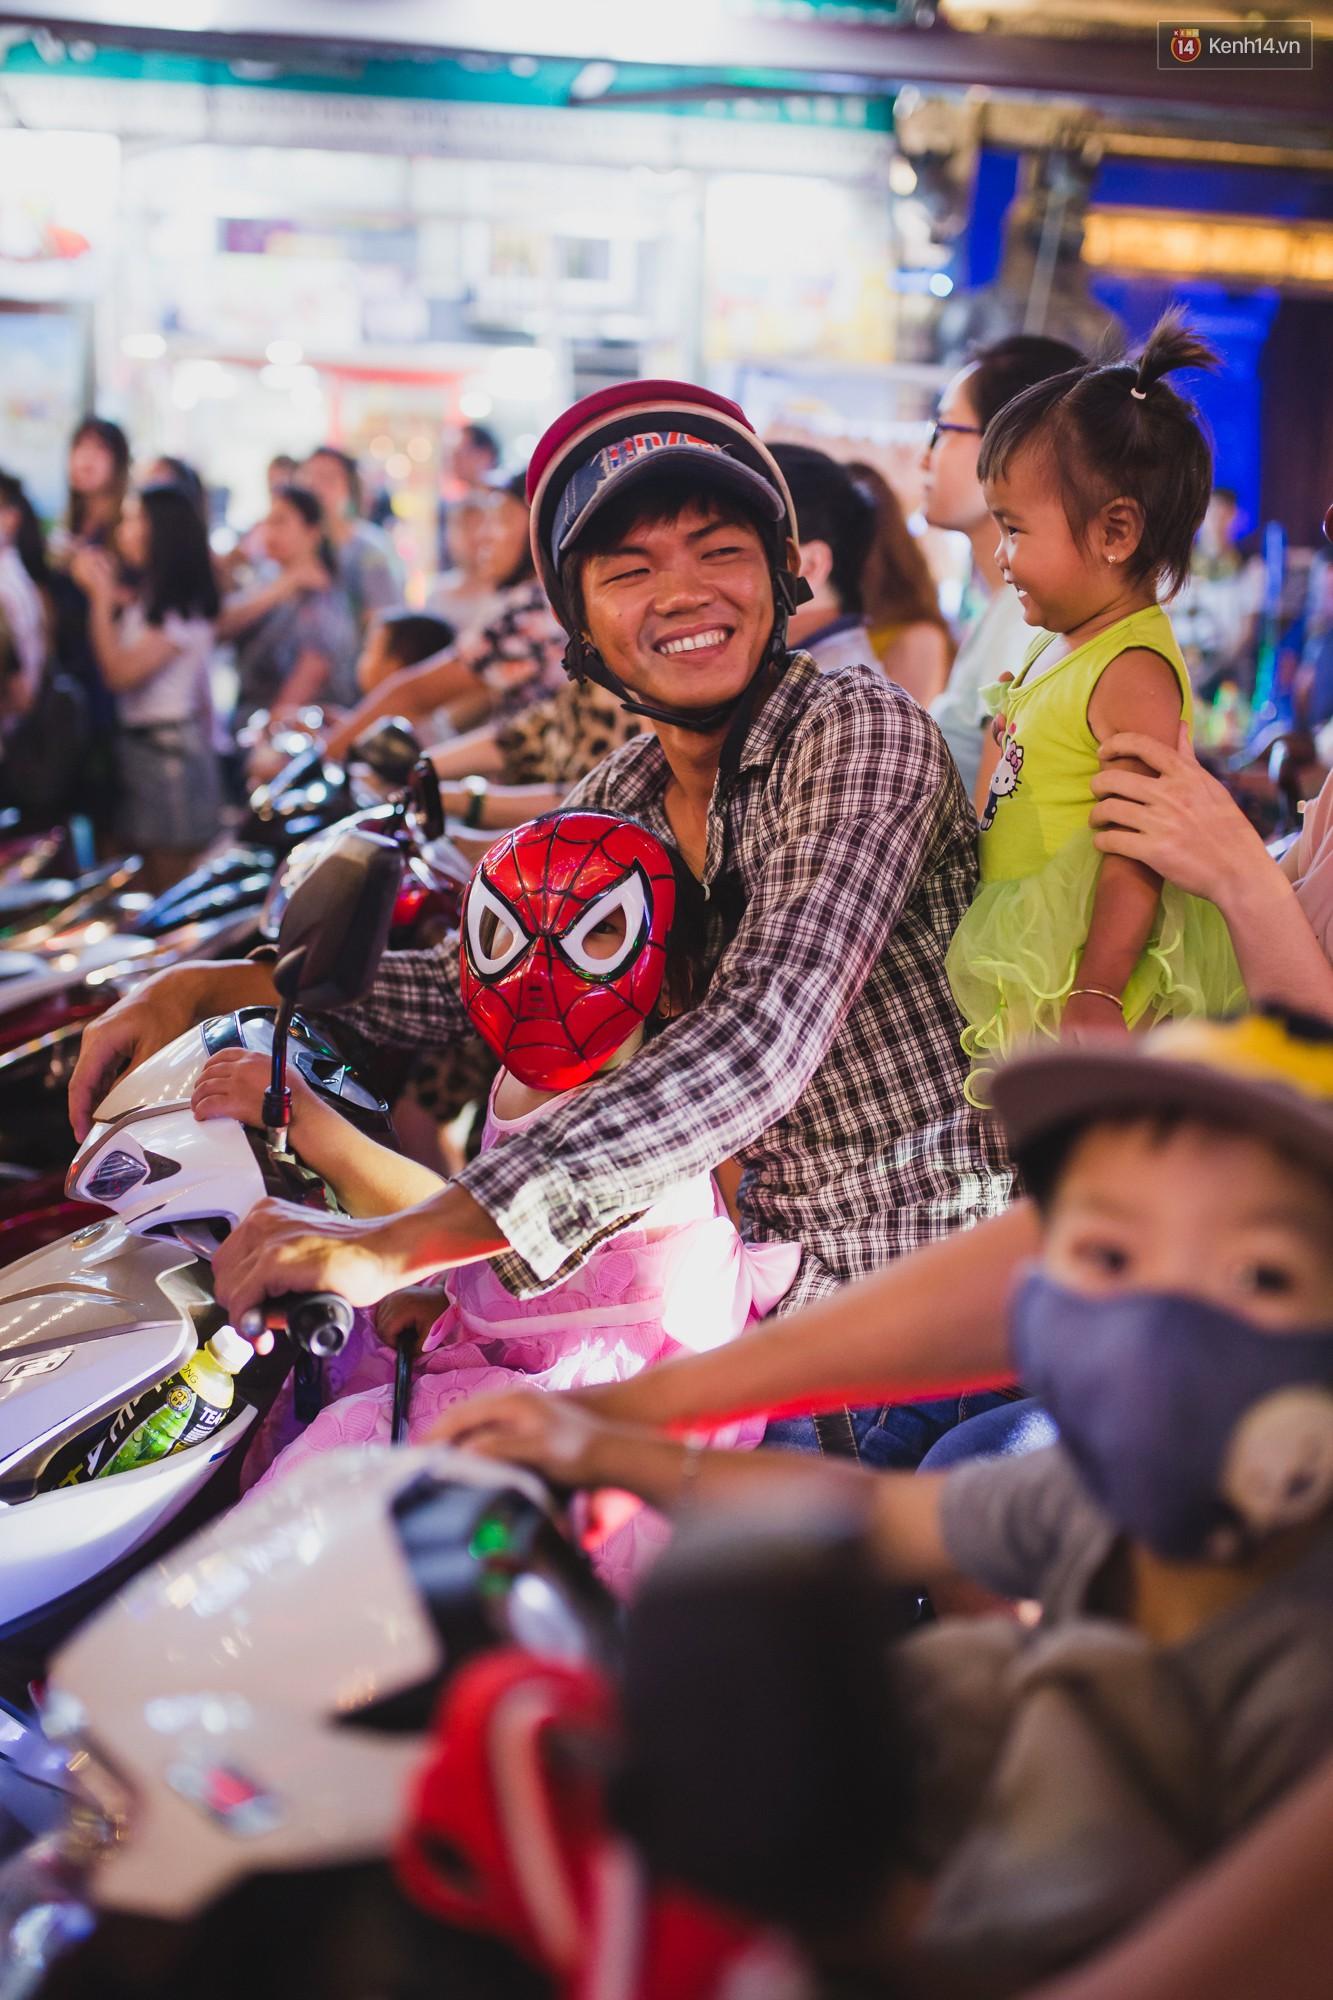 Hà Nội và Sài Gòn tràn ngập ma quỷ đêm Halloween: Từ cương thi, vô diện đến phù thủy tưng bừng xuống phố - Ảnh 16.